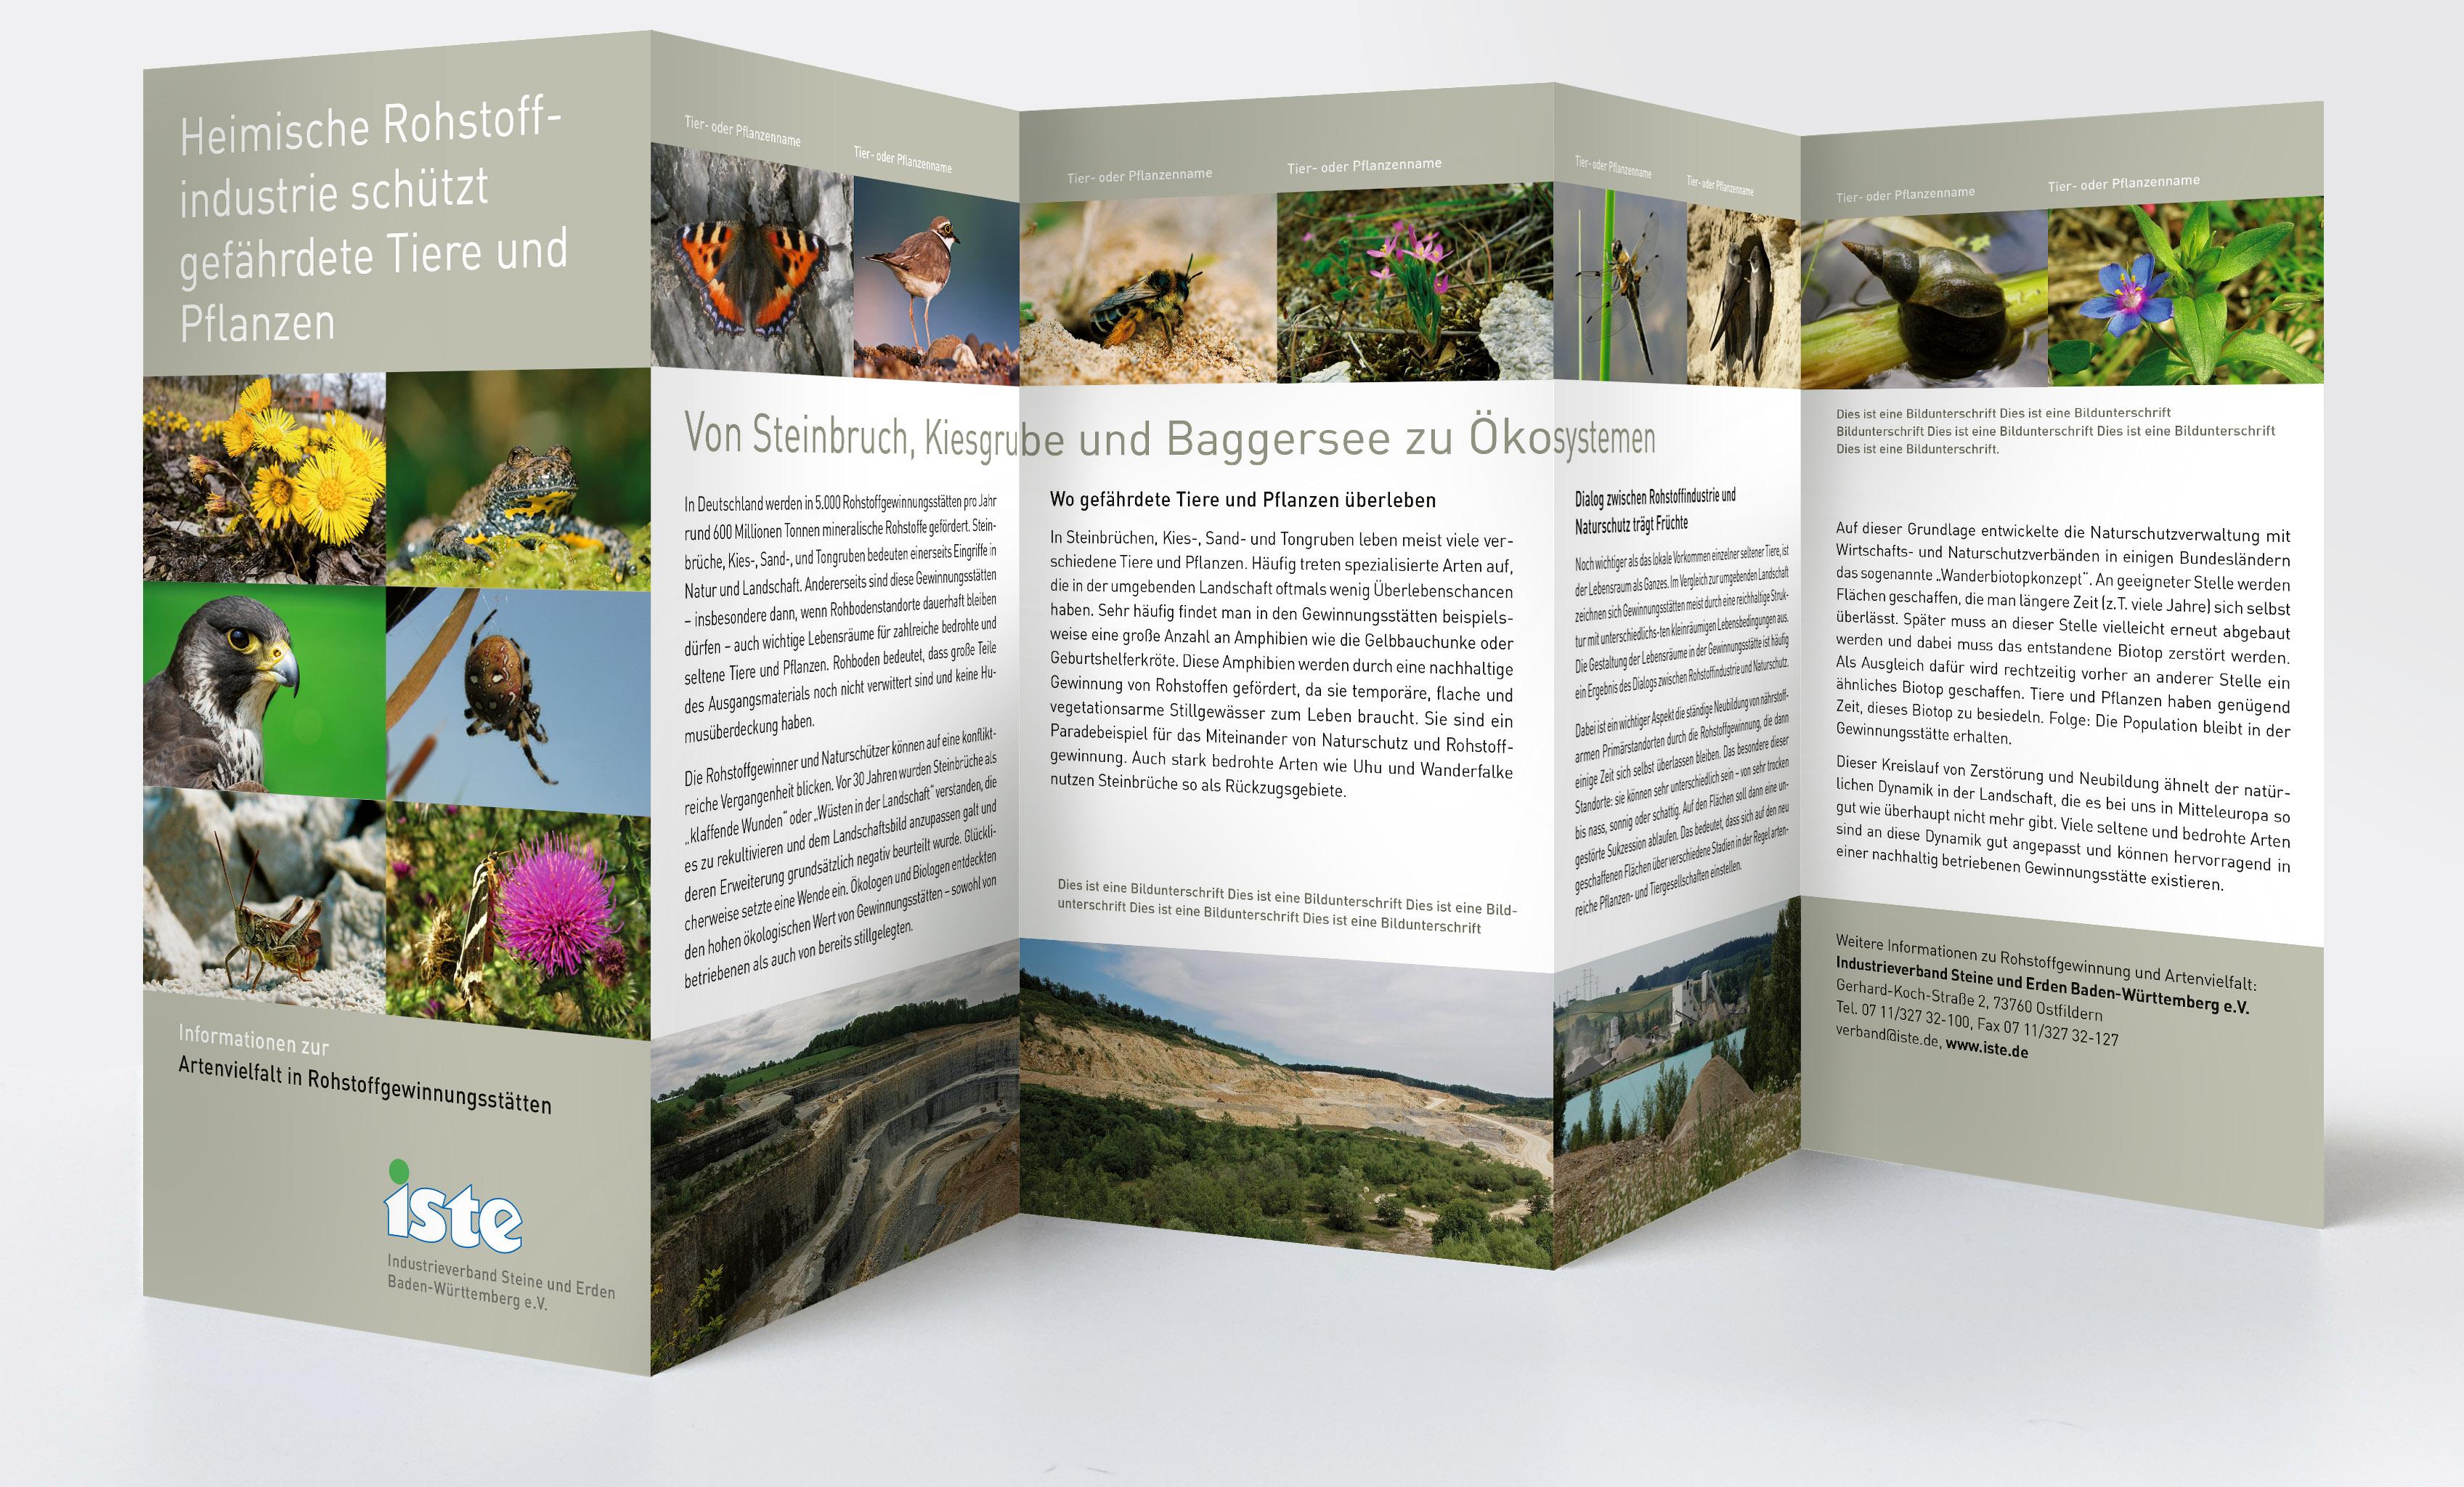 Die andere Seite des Flyers: Artenvielfalt in Rohstoffgewinnungsstätten